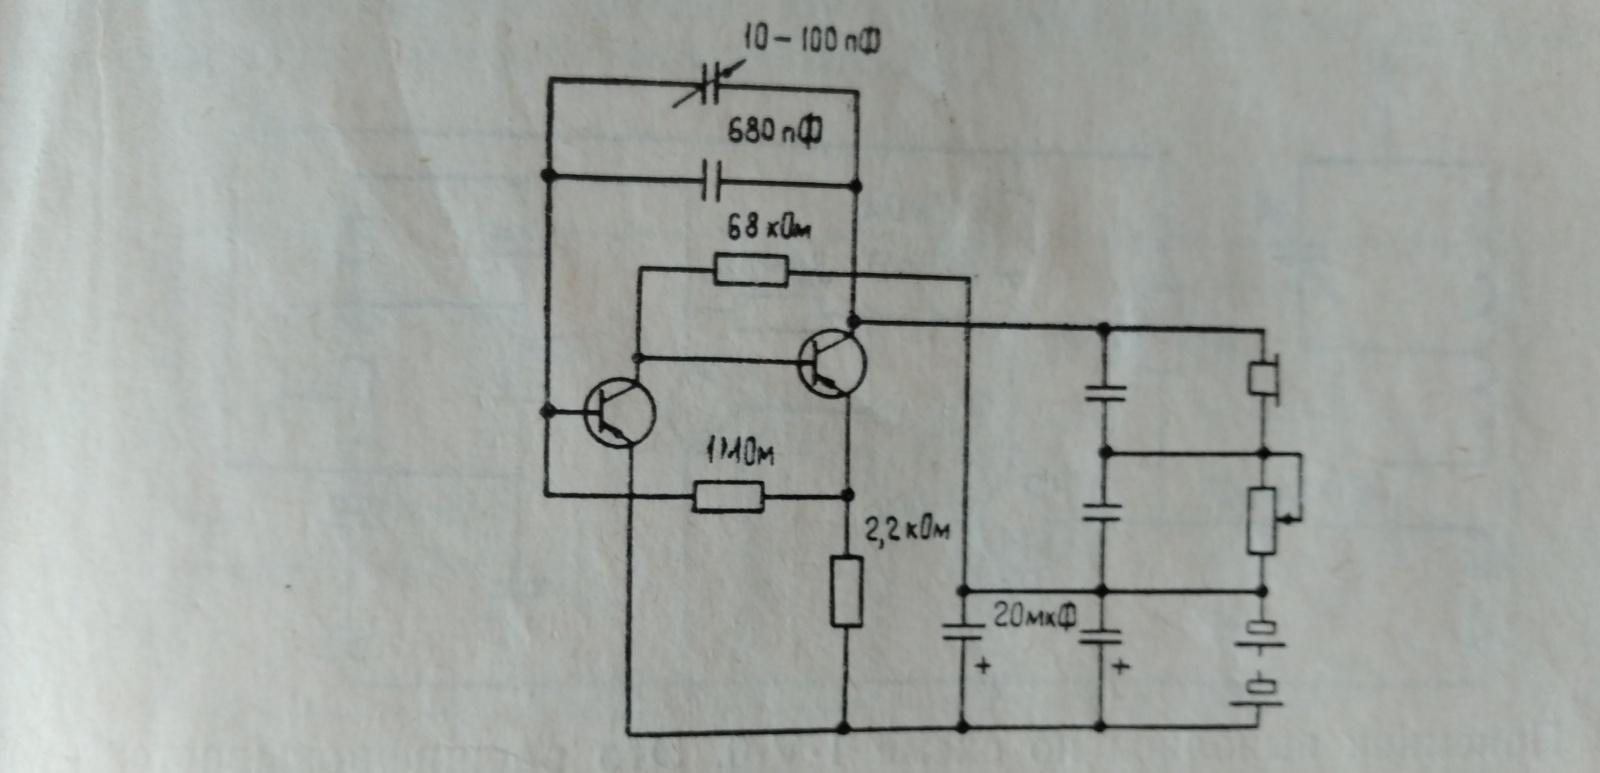 Радиоконструктор «Электронные кубики»: ностальгия по детству - 11